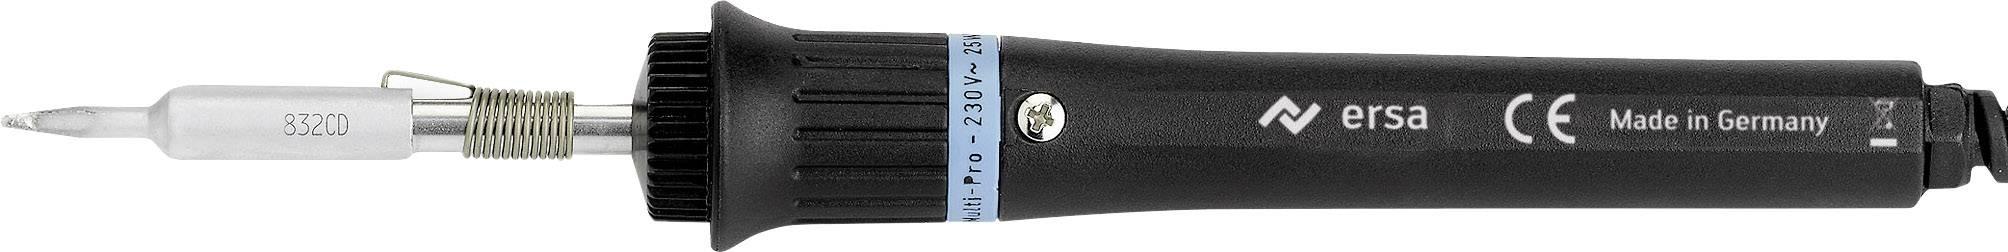 Spájkovacie pero Ersa MULTI-PRO 0930CD, 230 V, 20 W